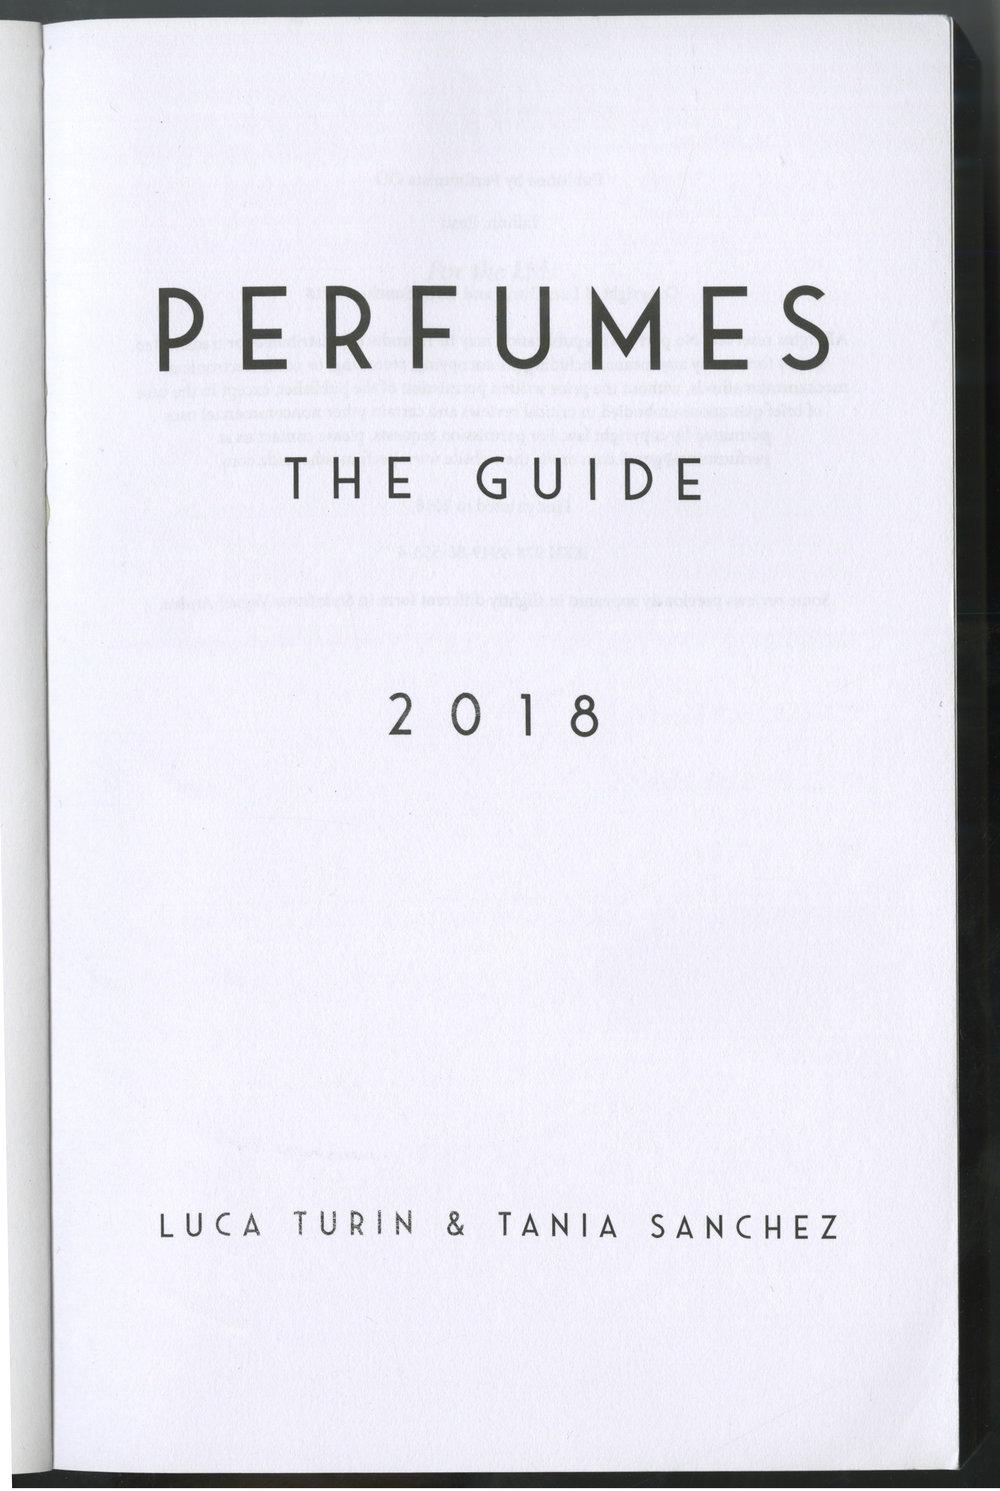 Perfumes_1cover.jpg